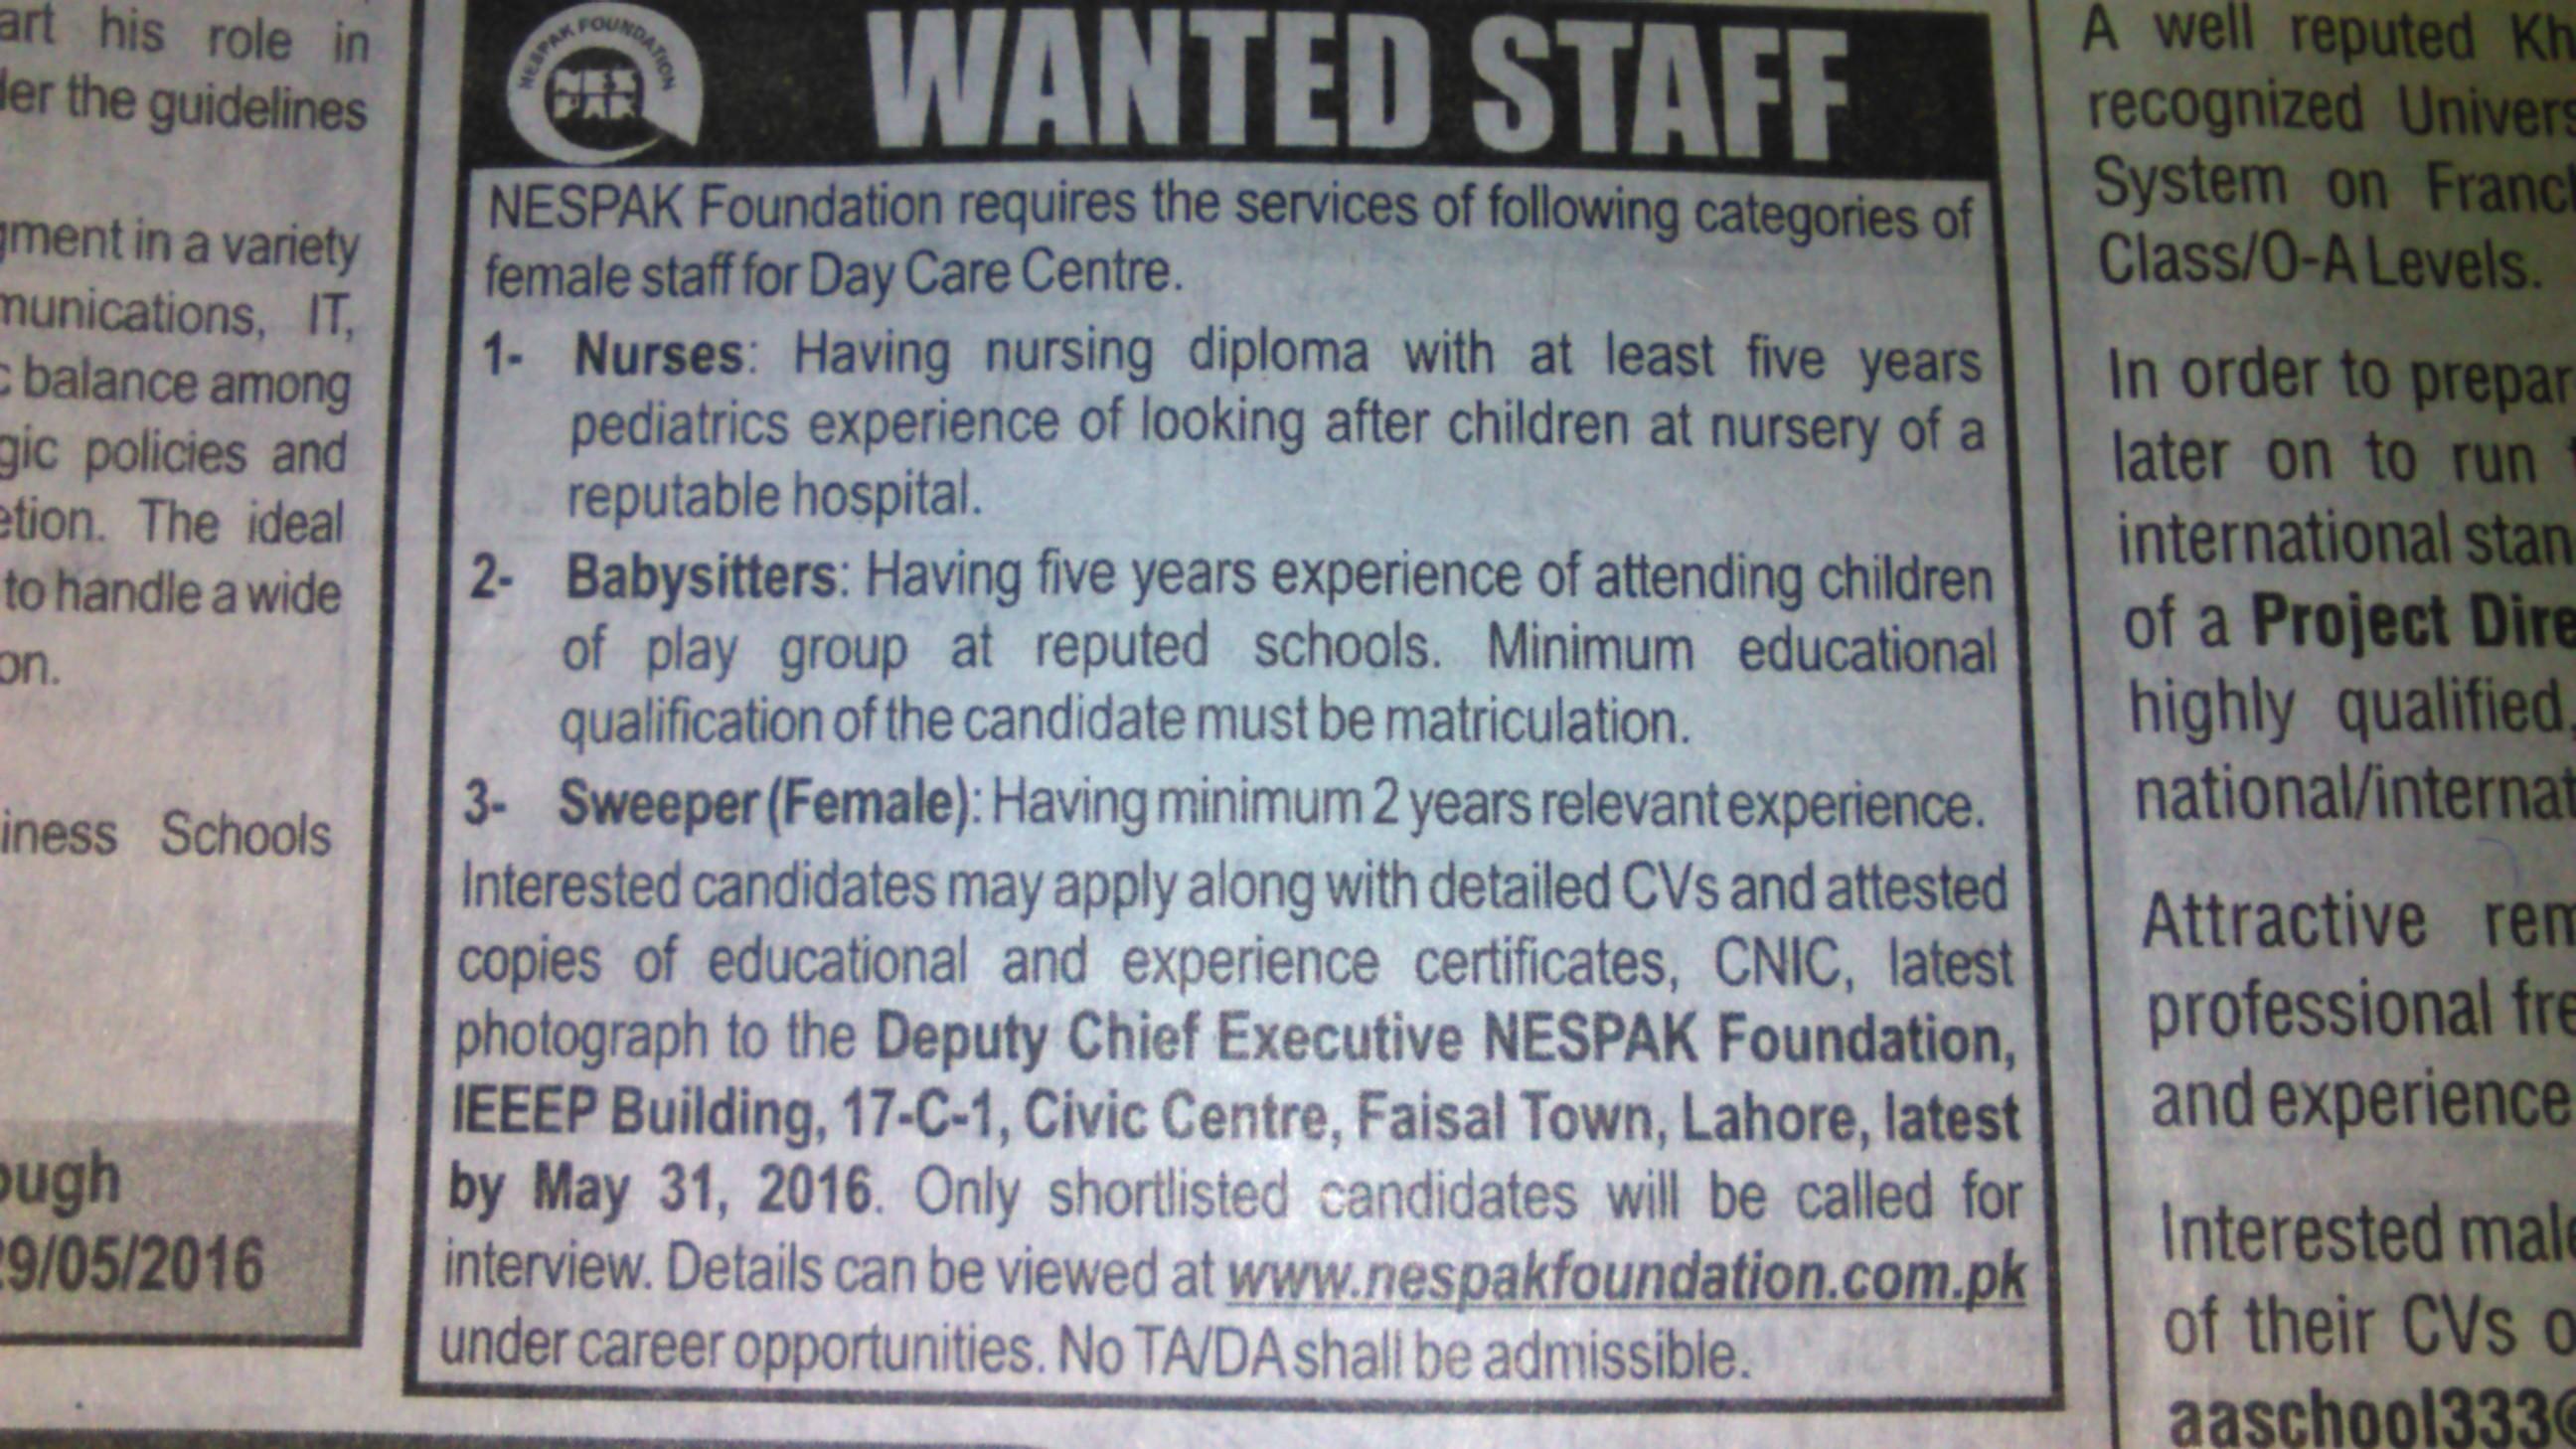 NESPAK Foundation Requires Staff